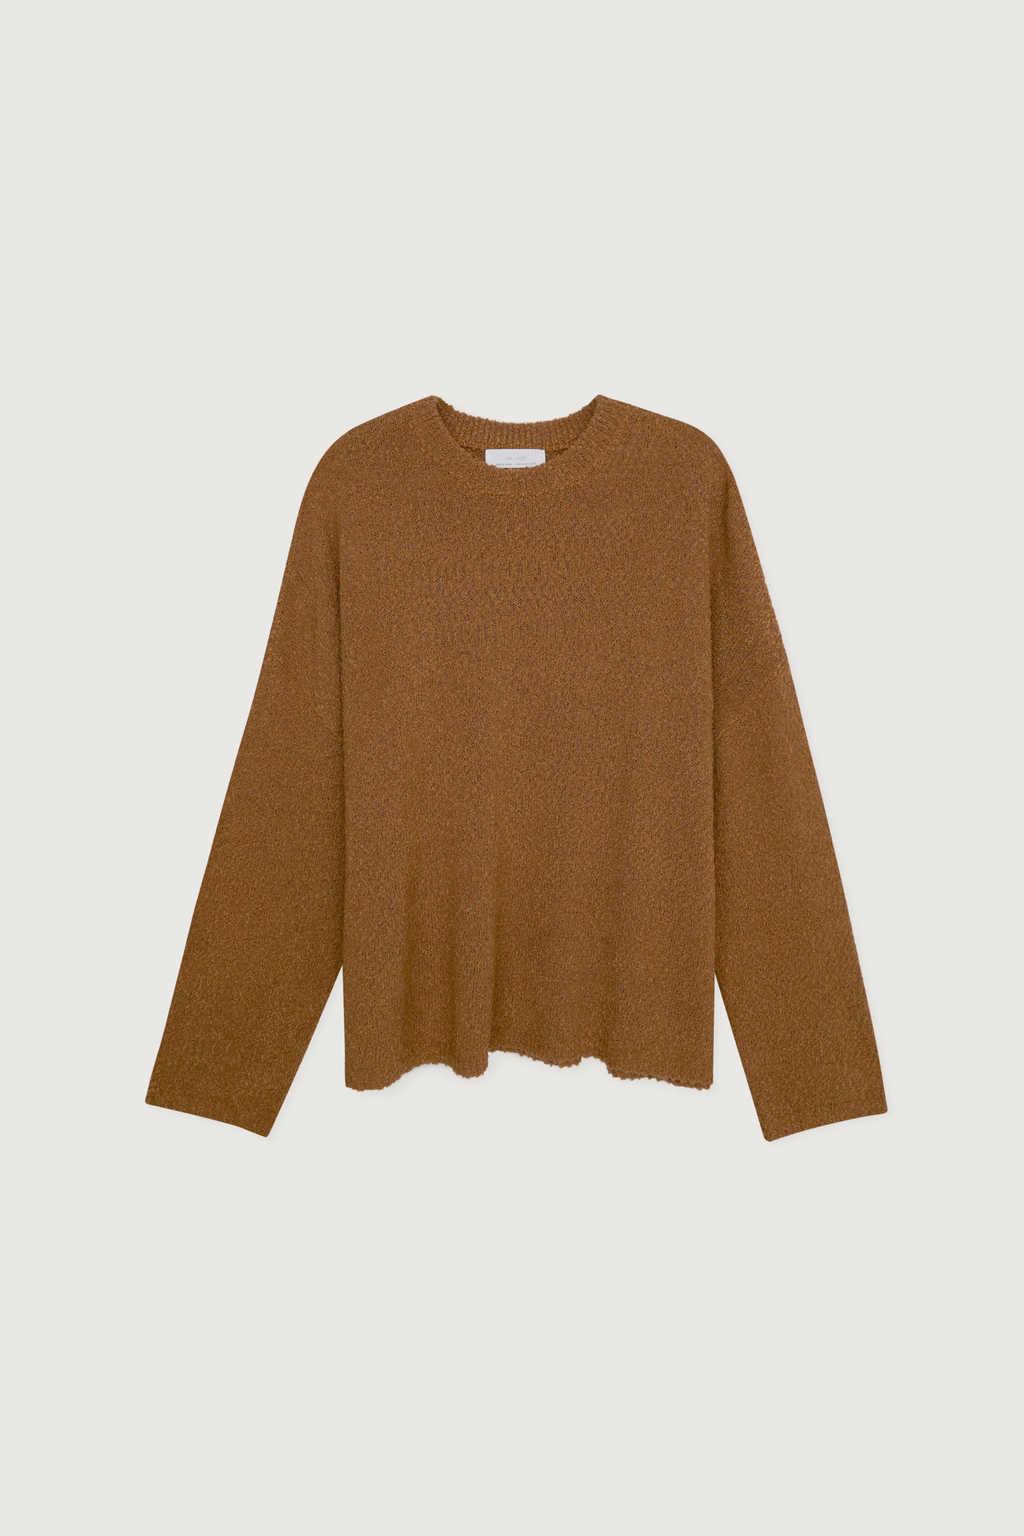 Sweater 3212 Tan 11